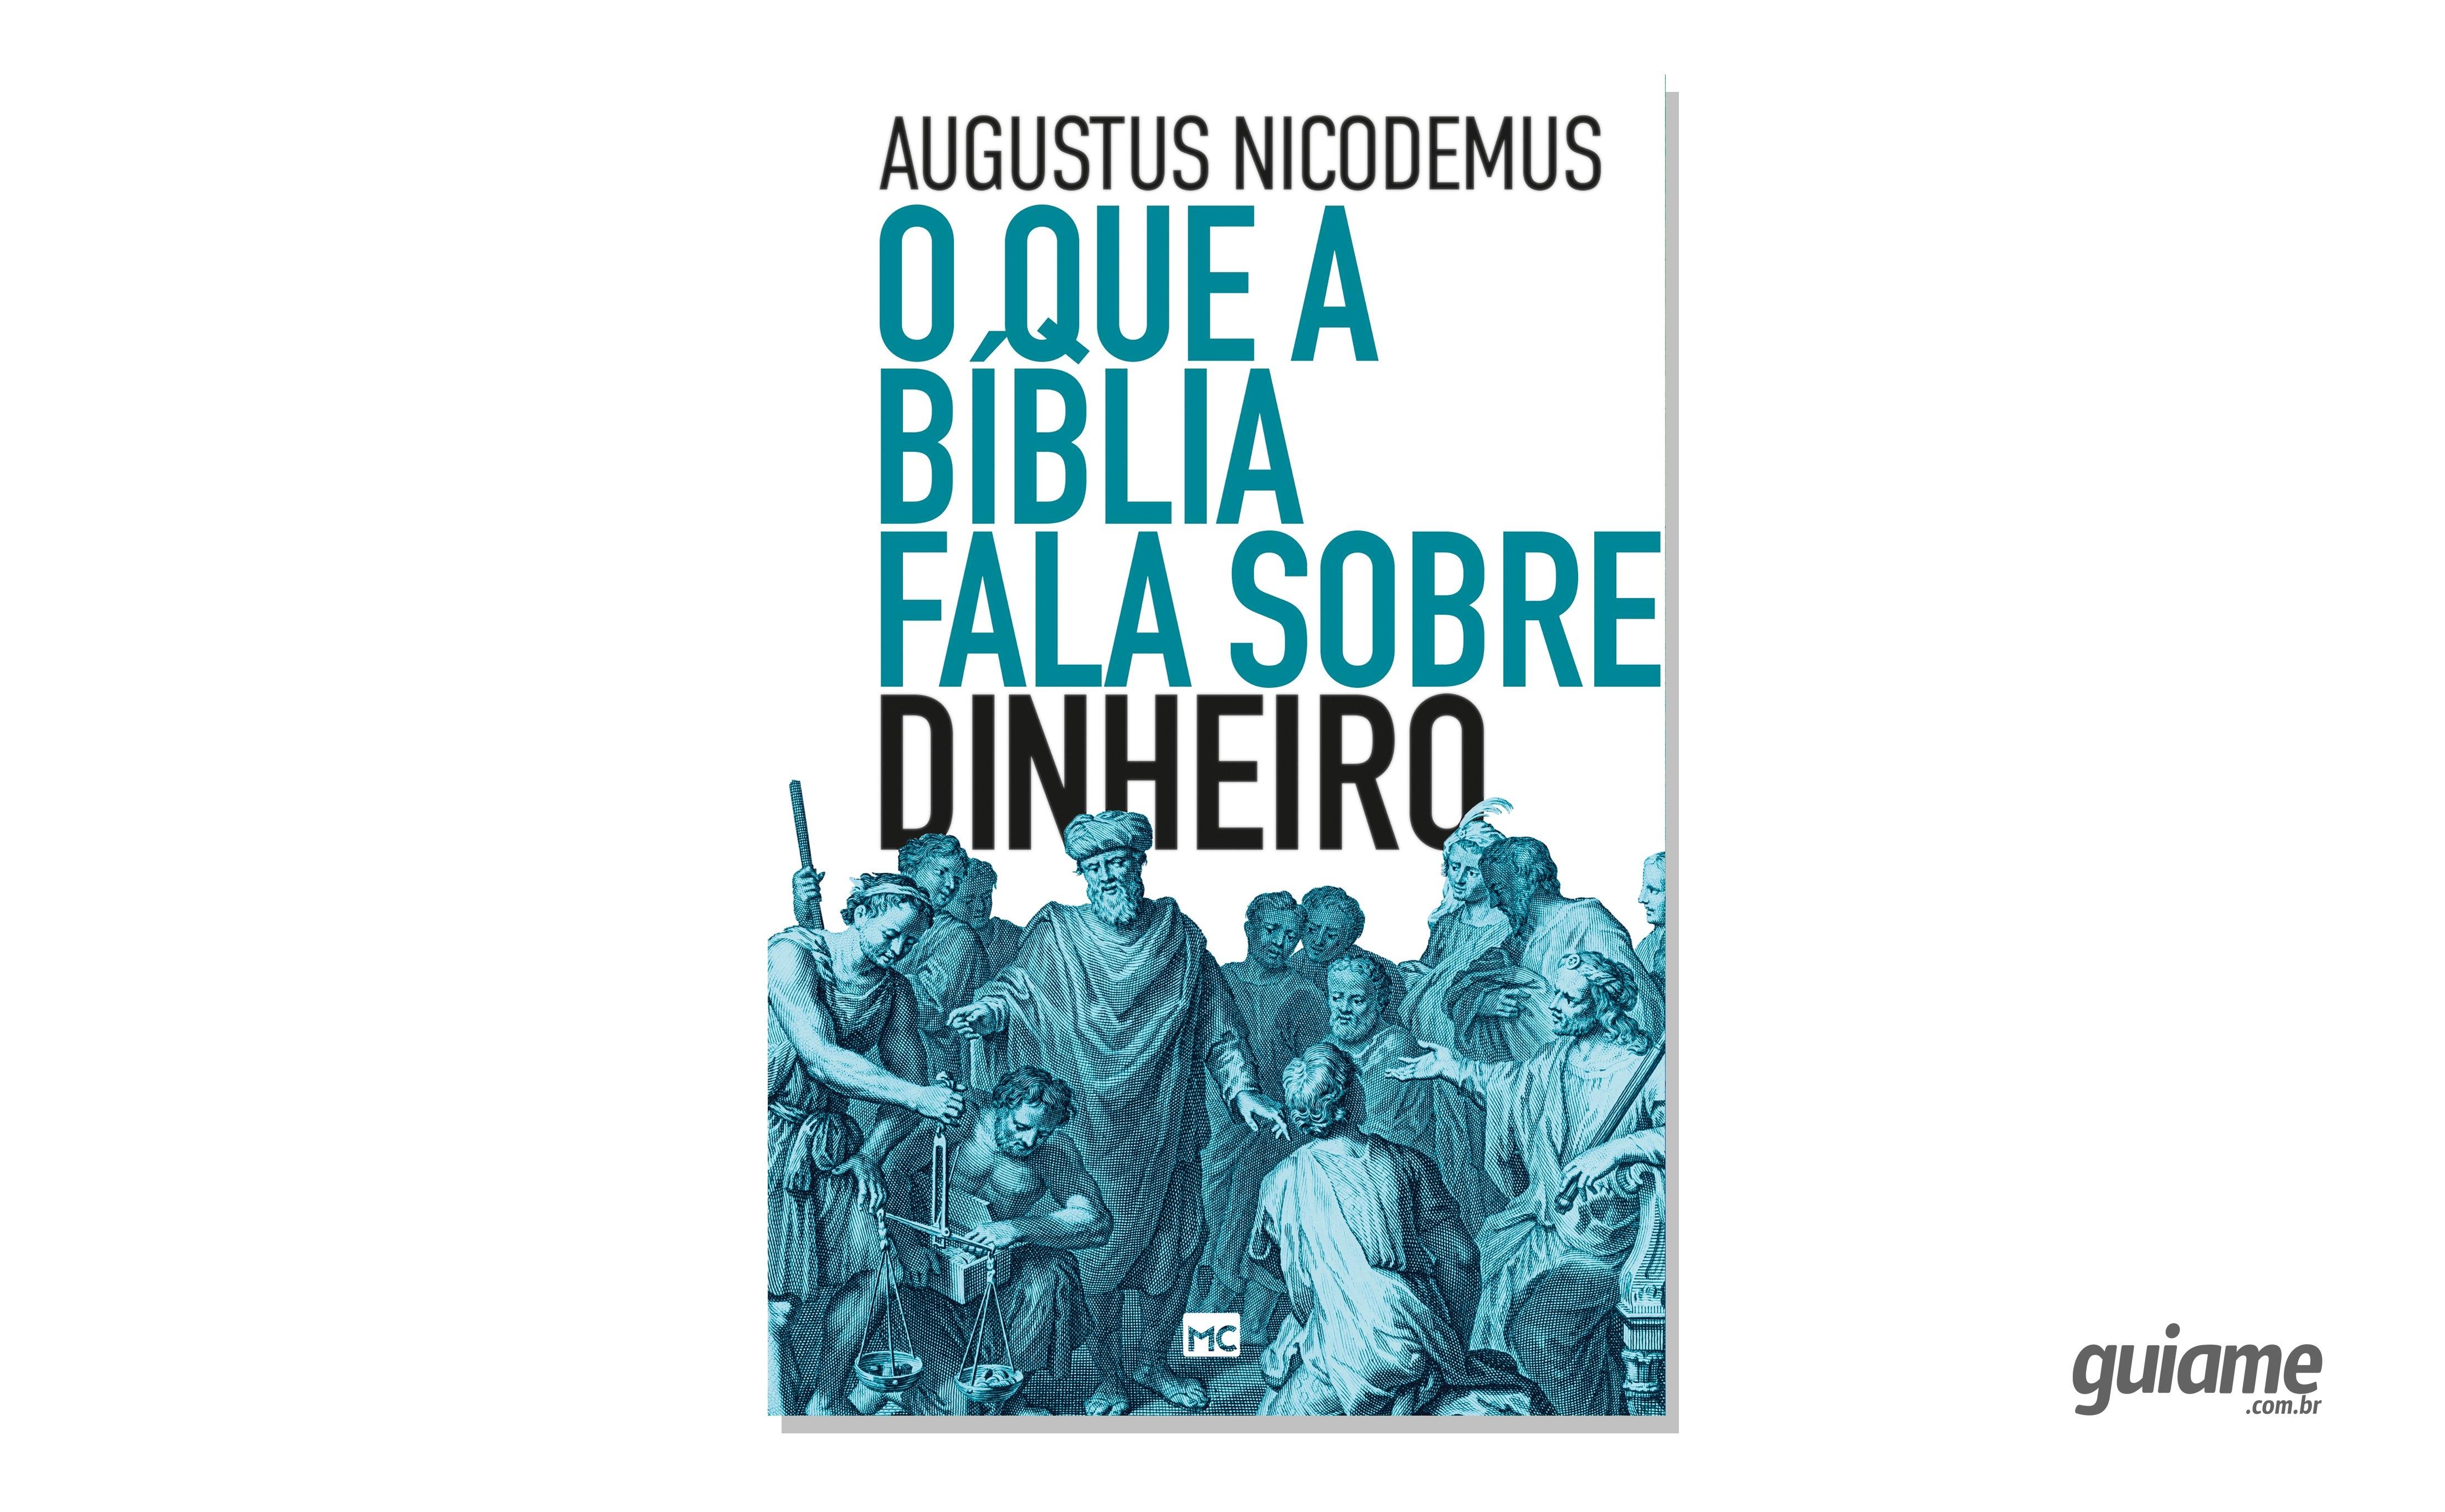 """Em livro, Augustus Nicodemus desmistifica """"o que a Bíblia fala sobre dinheiro"""""""